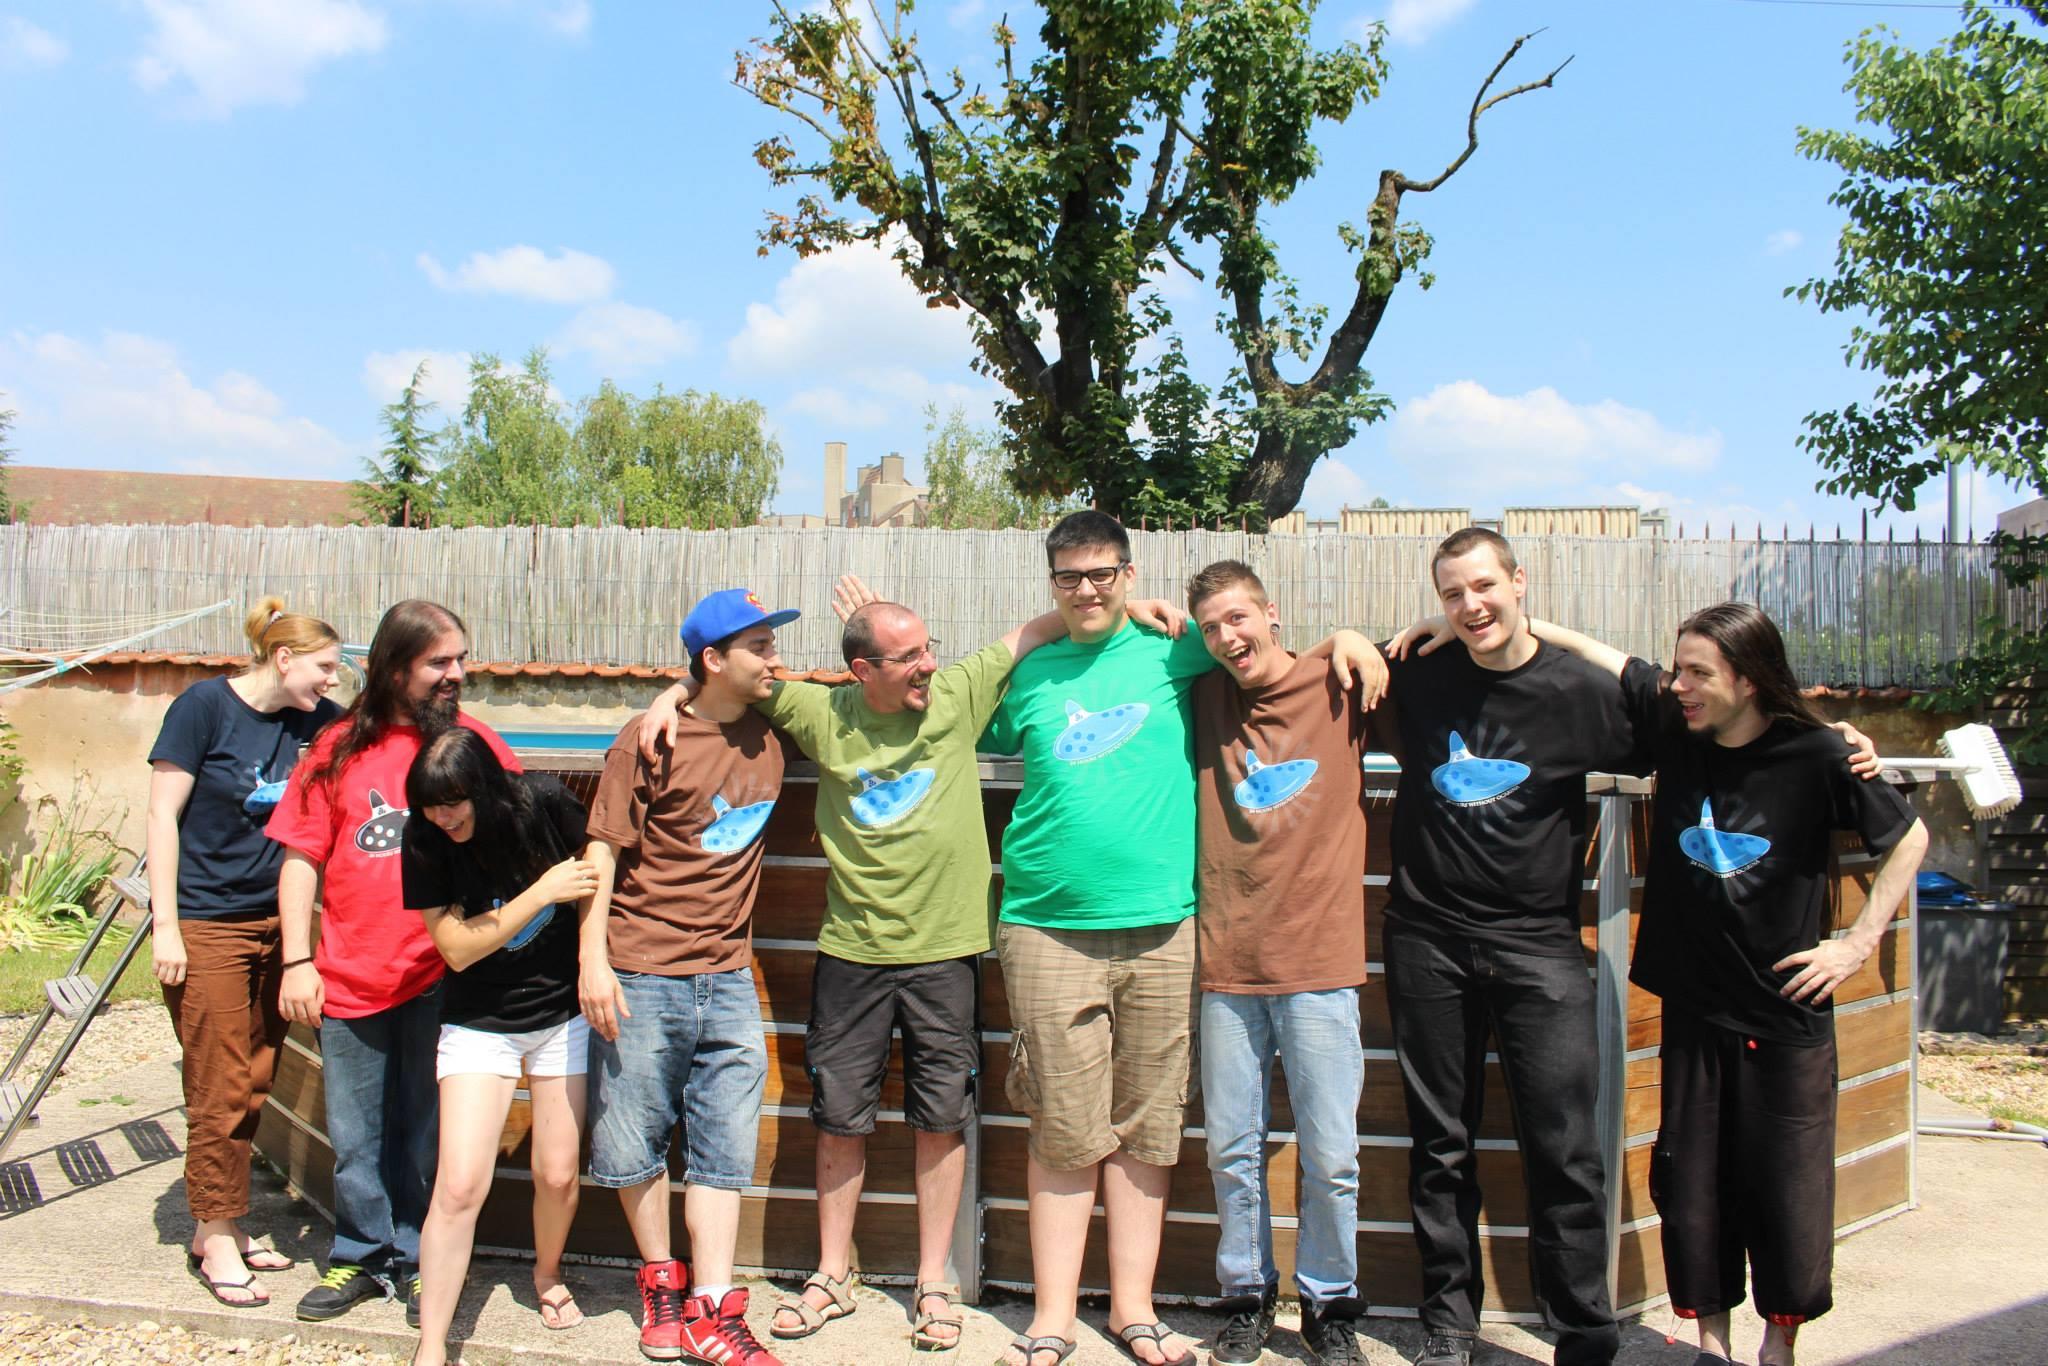 Team Zeldathon